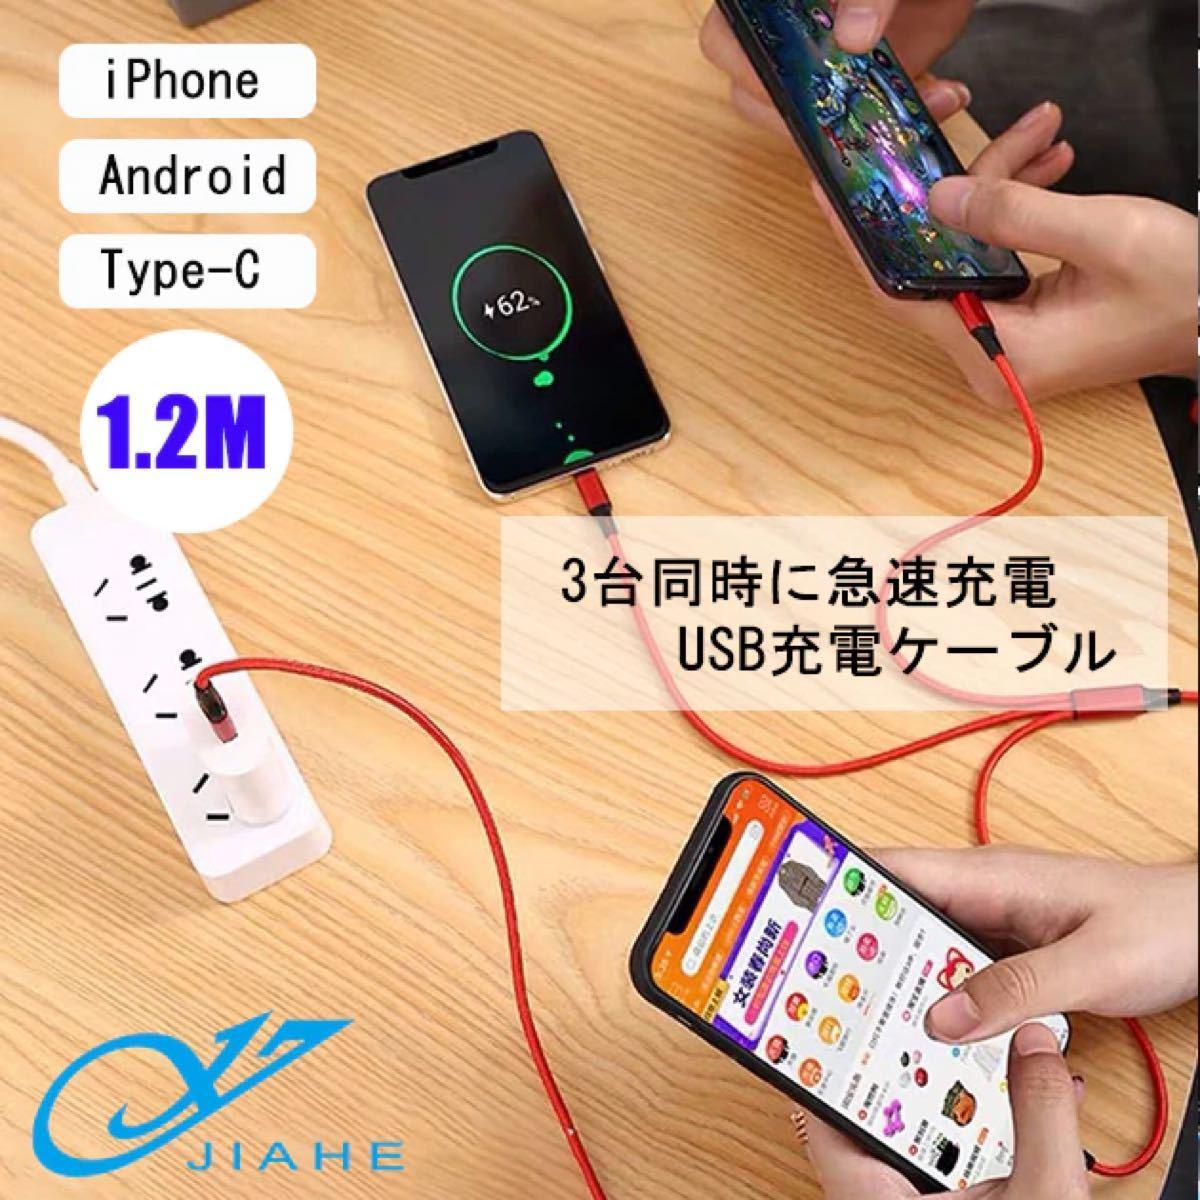 充電ケーブル 3in1 ナイロン 断線防止 iPhone Micro Type-C USB 2本セット高耐久3台同時充電